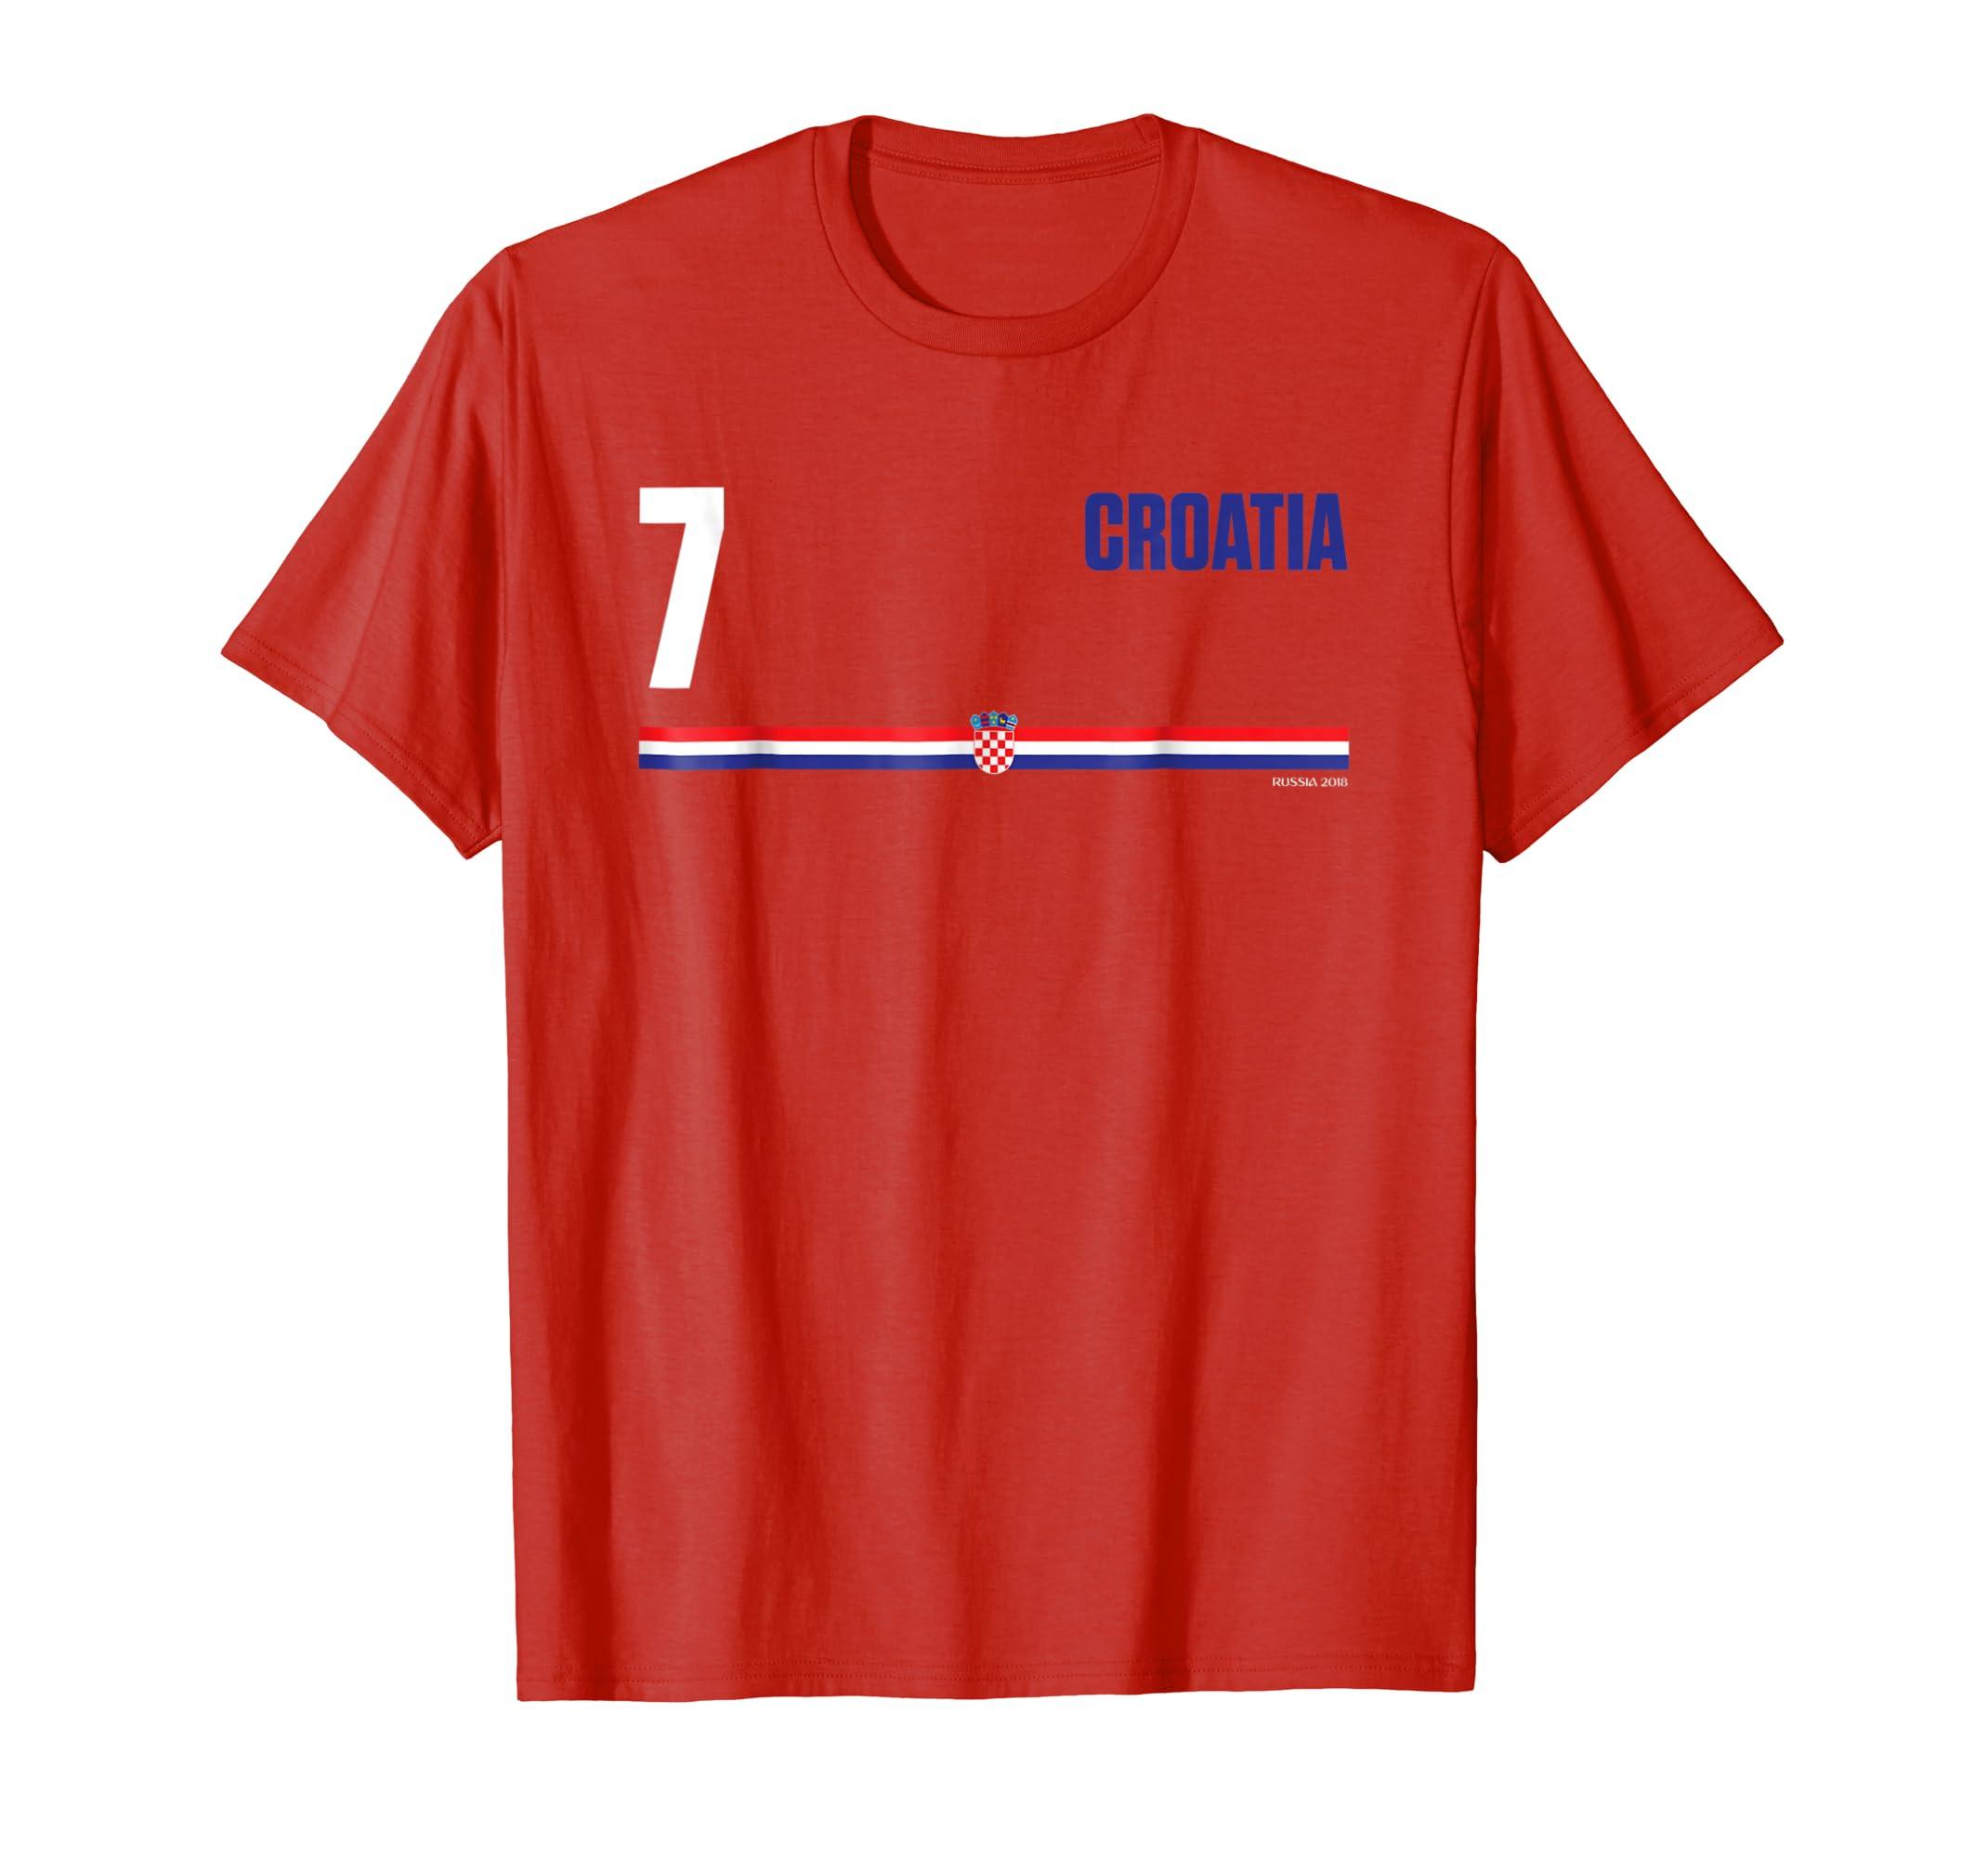 a28b242533d Croatia Hrvatska T-shirt Soccer Football Jersey Style-ln – Lntee